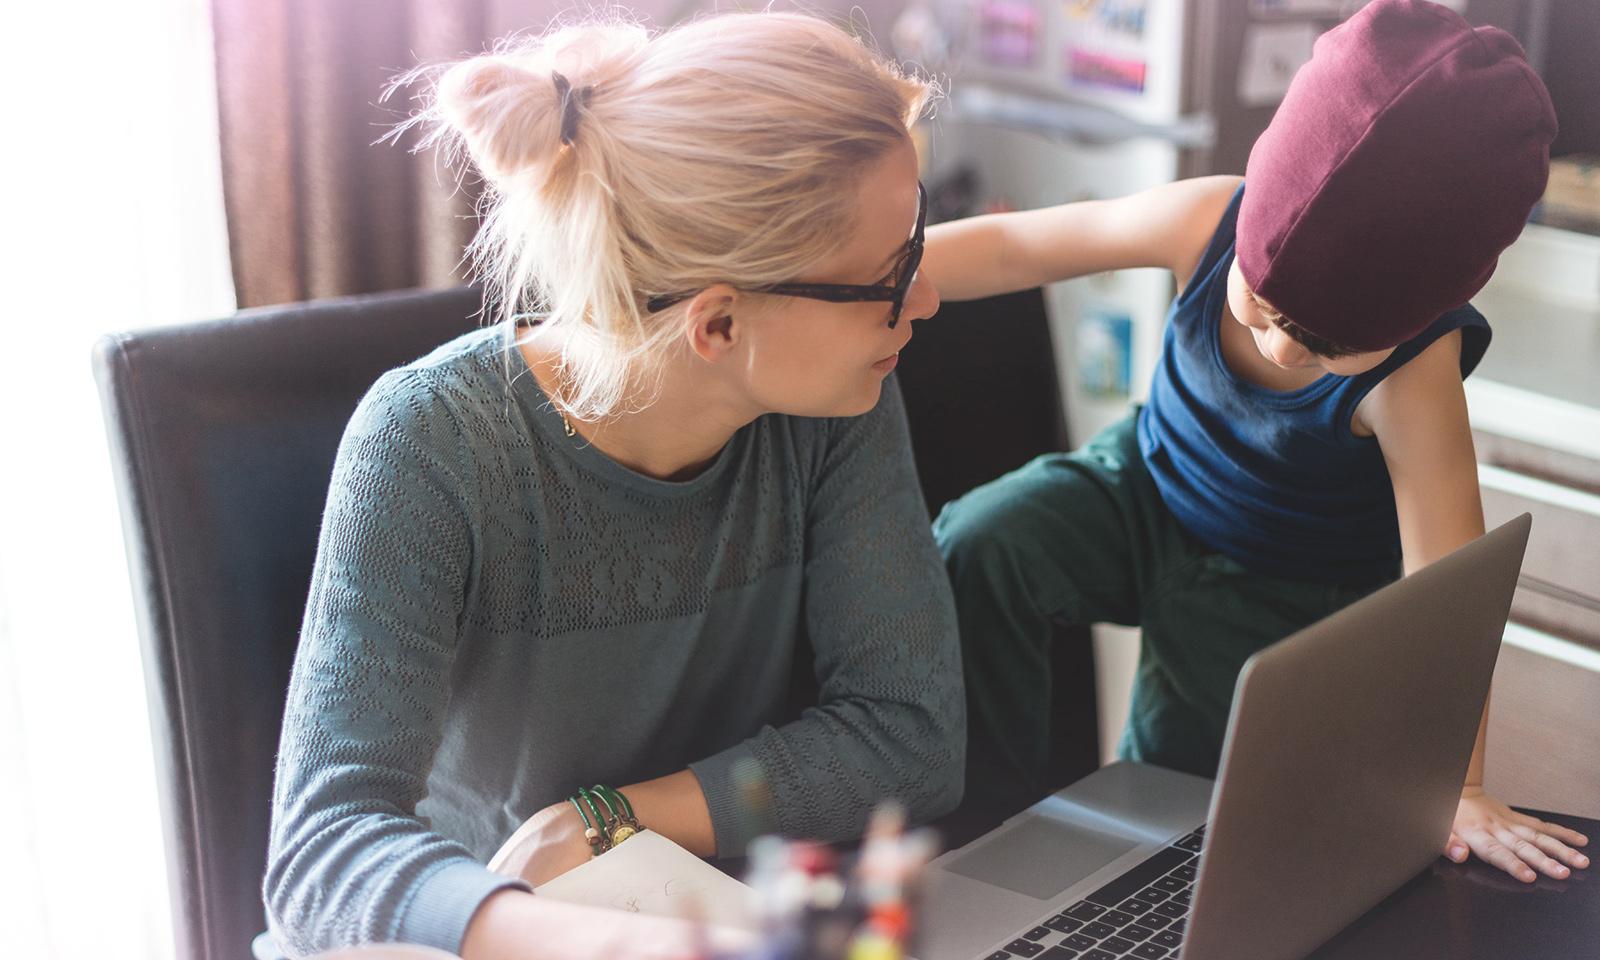 Le travail, les écrans et la famille: trouver notre équilibre